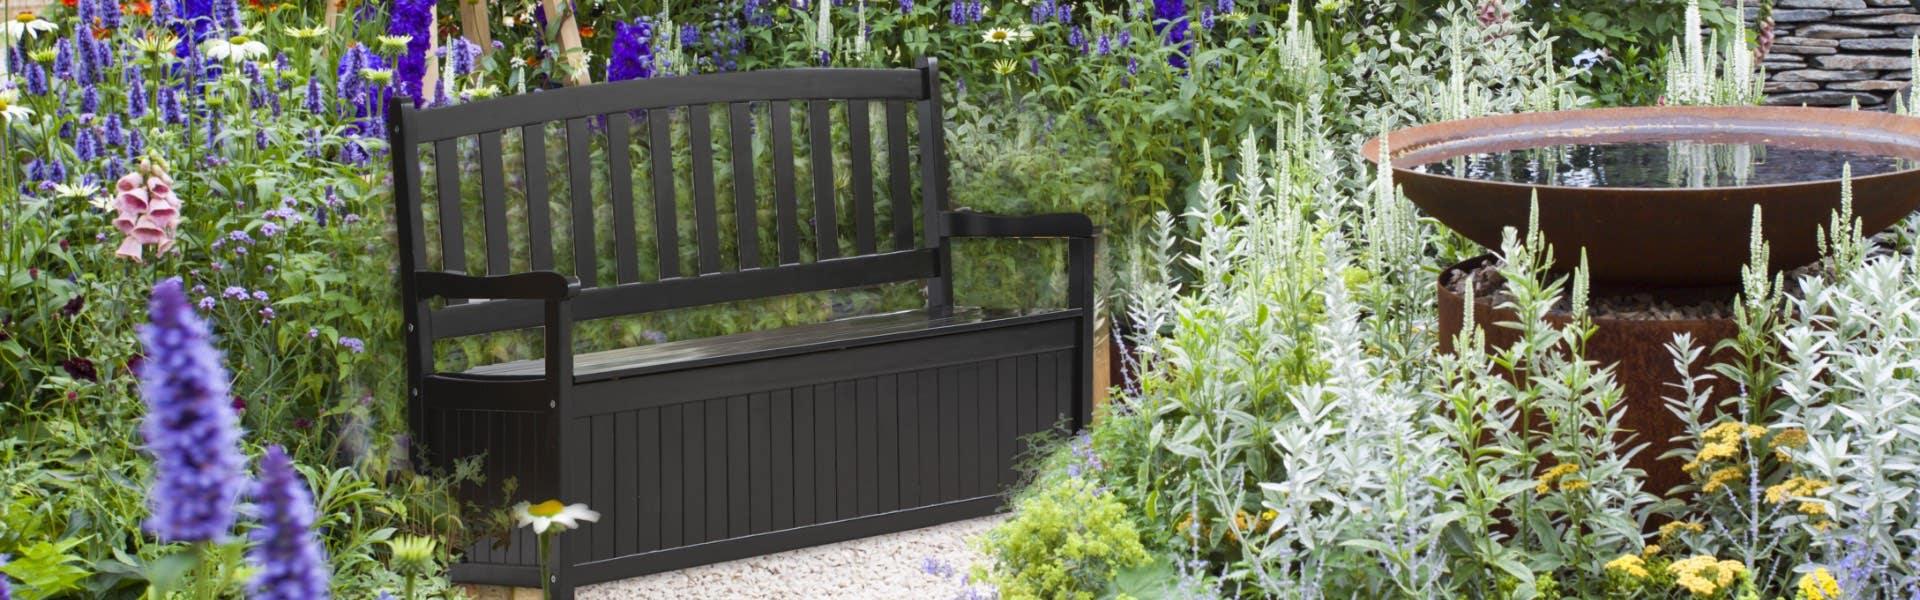 storage seat in outdoor garden